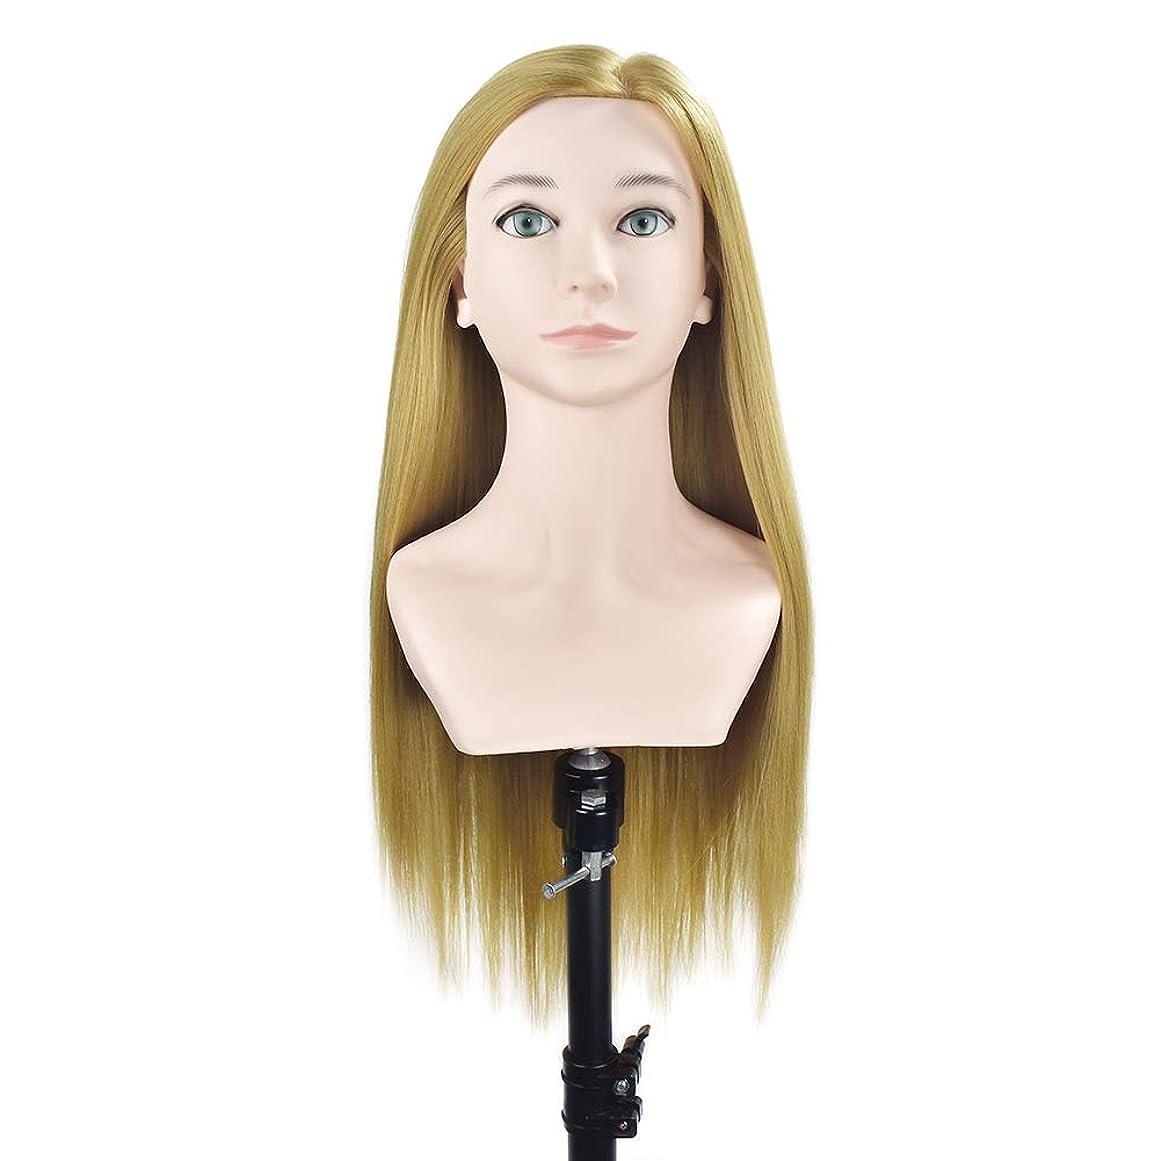 一杯論理注意サロンの髪の編み物の美容指導の頭スタイリングのヘアカットのダミーヘッドのメイク肩の学習マネキンの頭